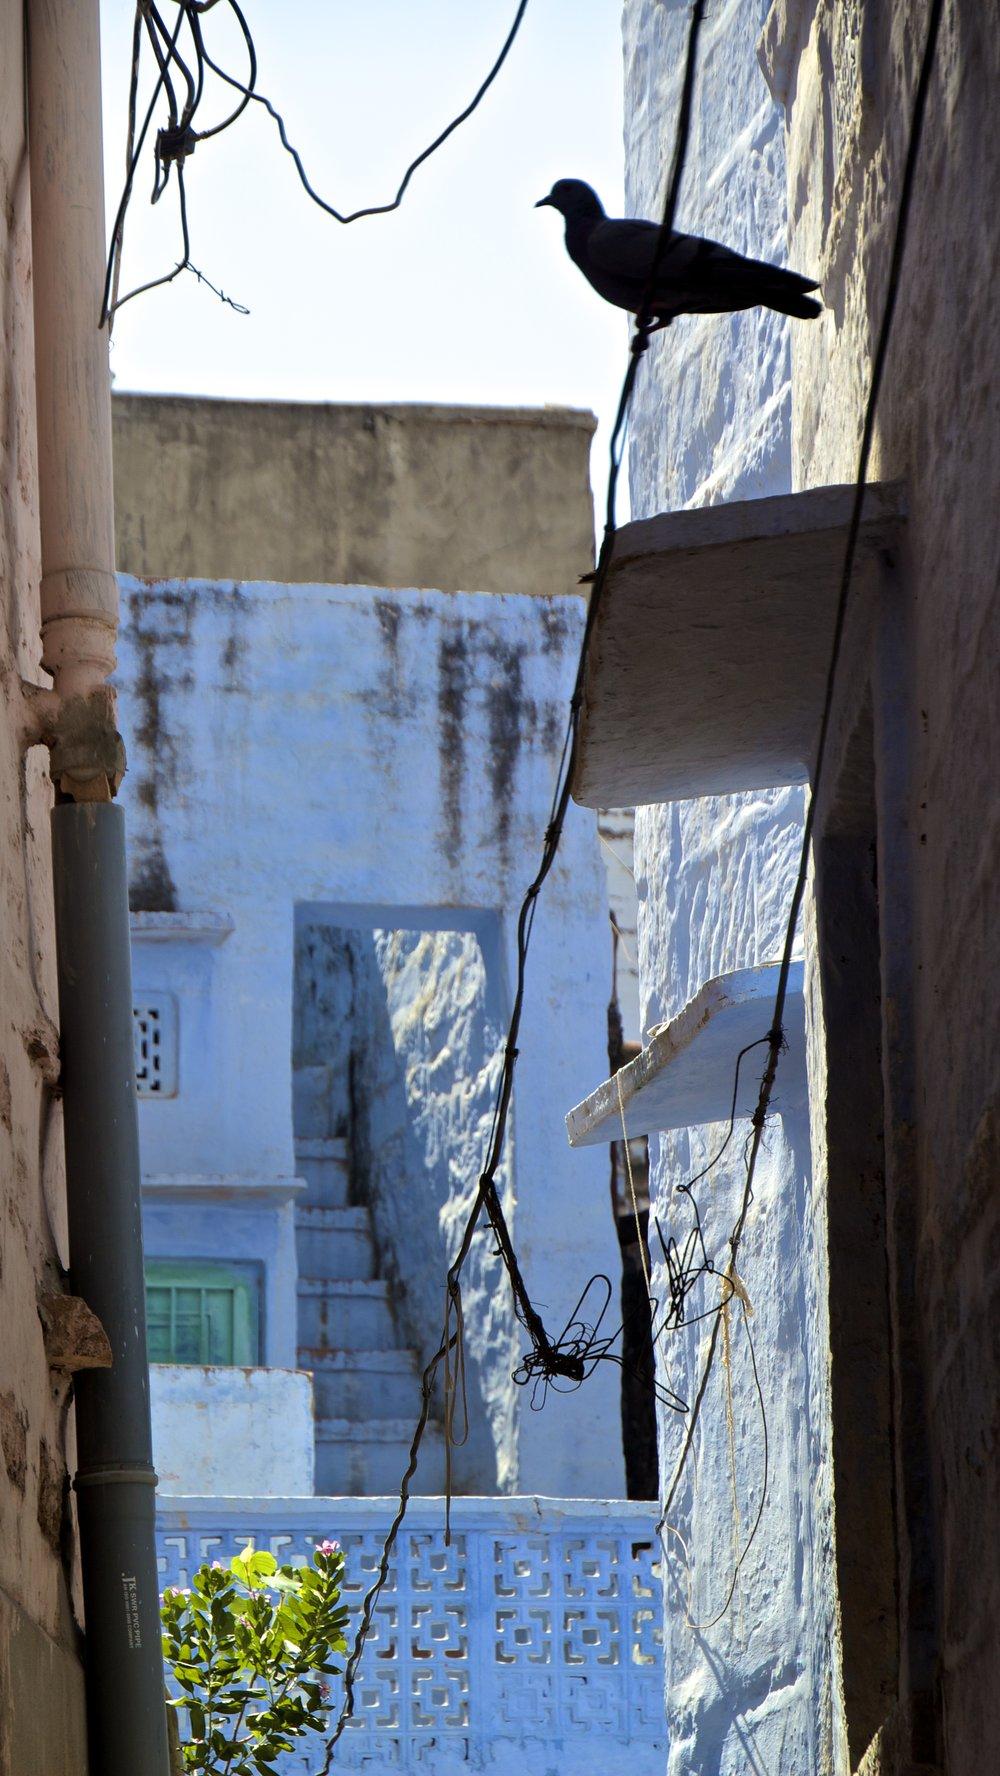 blue city photography jodhpur rajasthan india 39.jpg